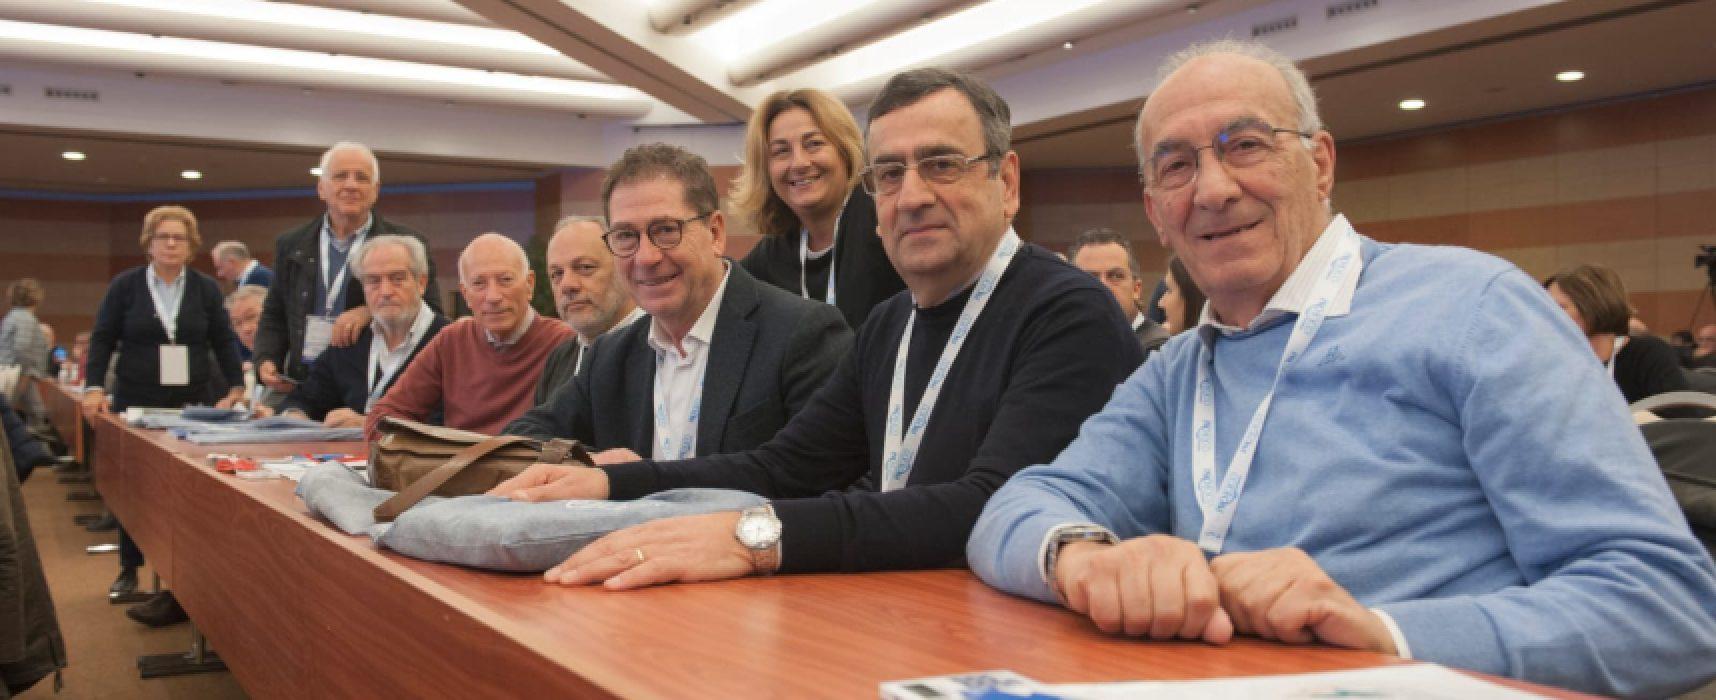 Le Pro Loco donano ventilatori polmonari agli Ospedali Covid-19 di Puglia, uno anche a Bisceglie